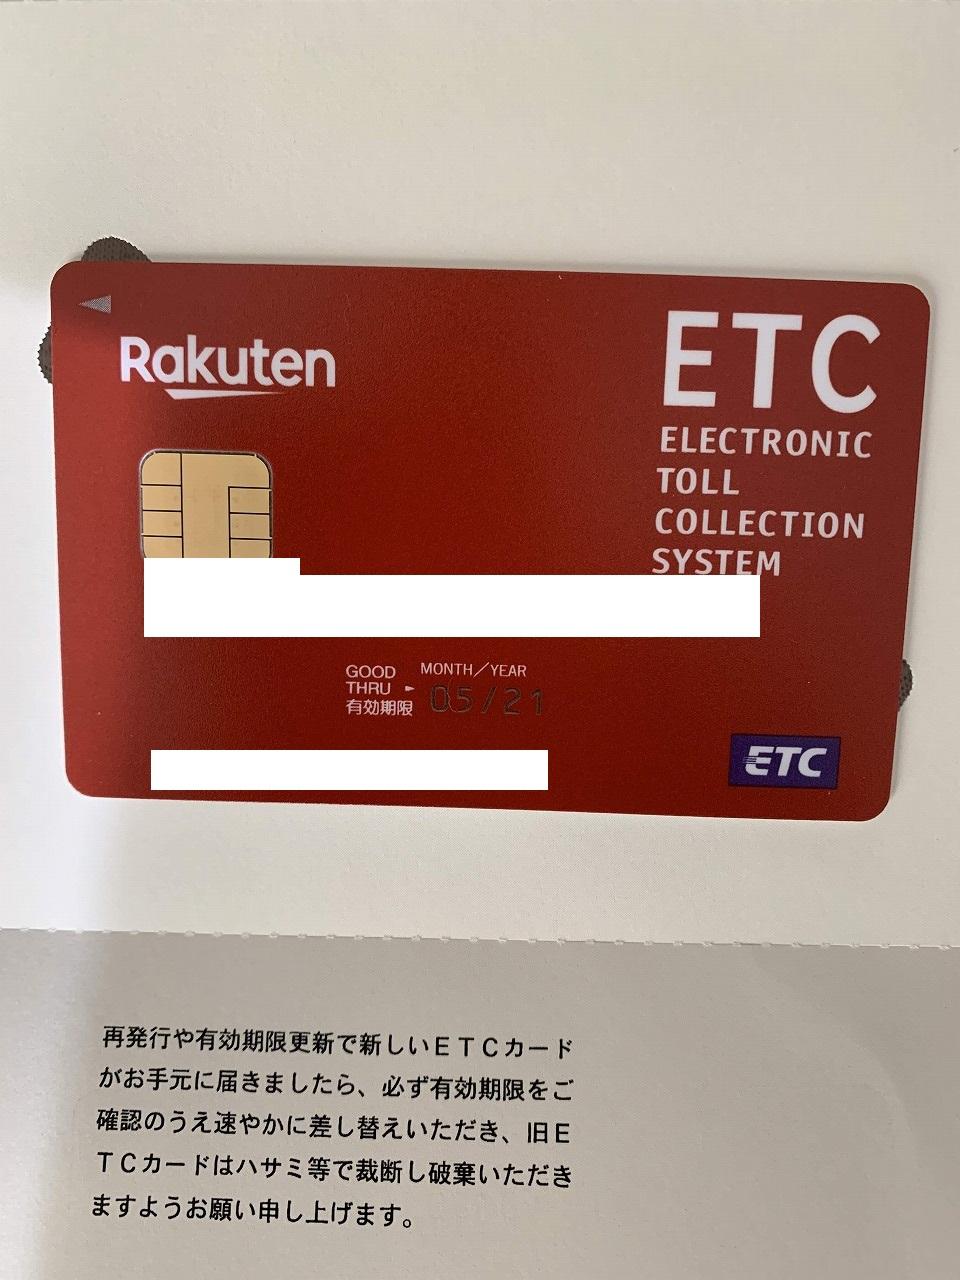 2枚目のETCカード!楽天ETCカードが届きました^^